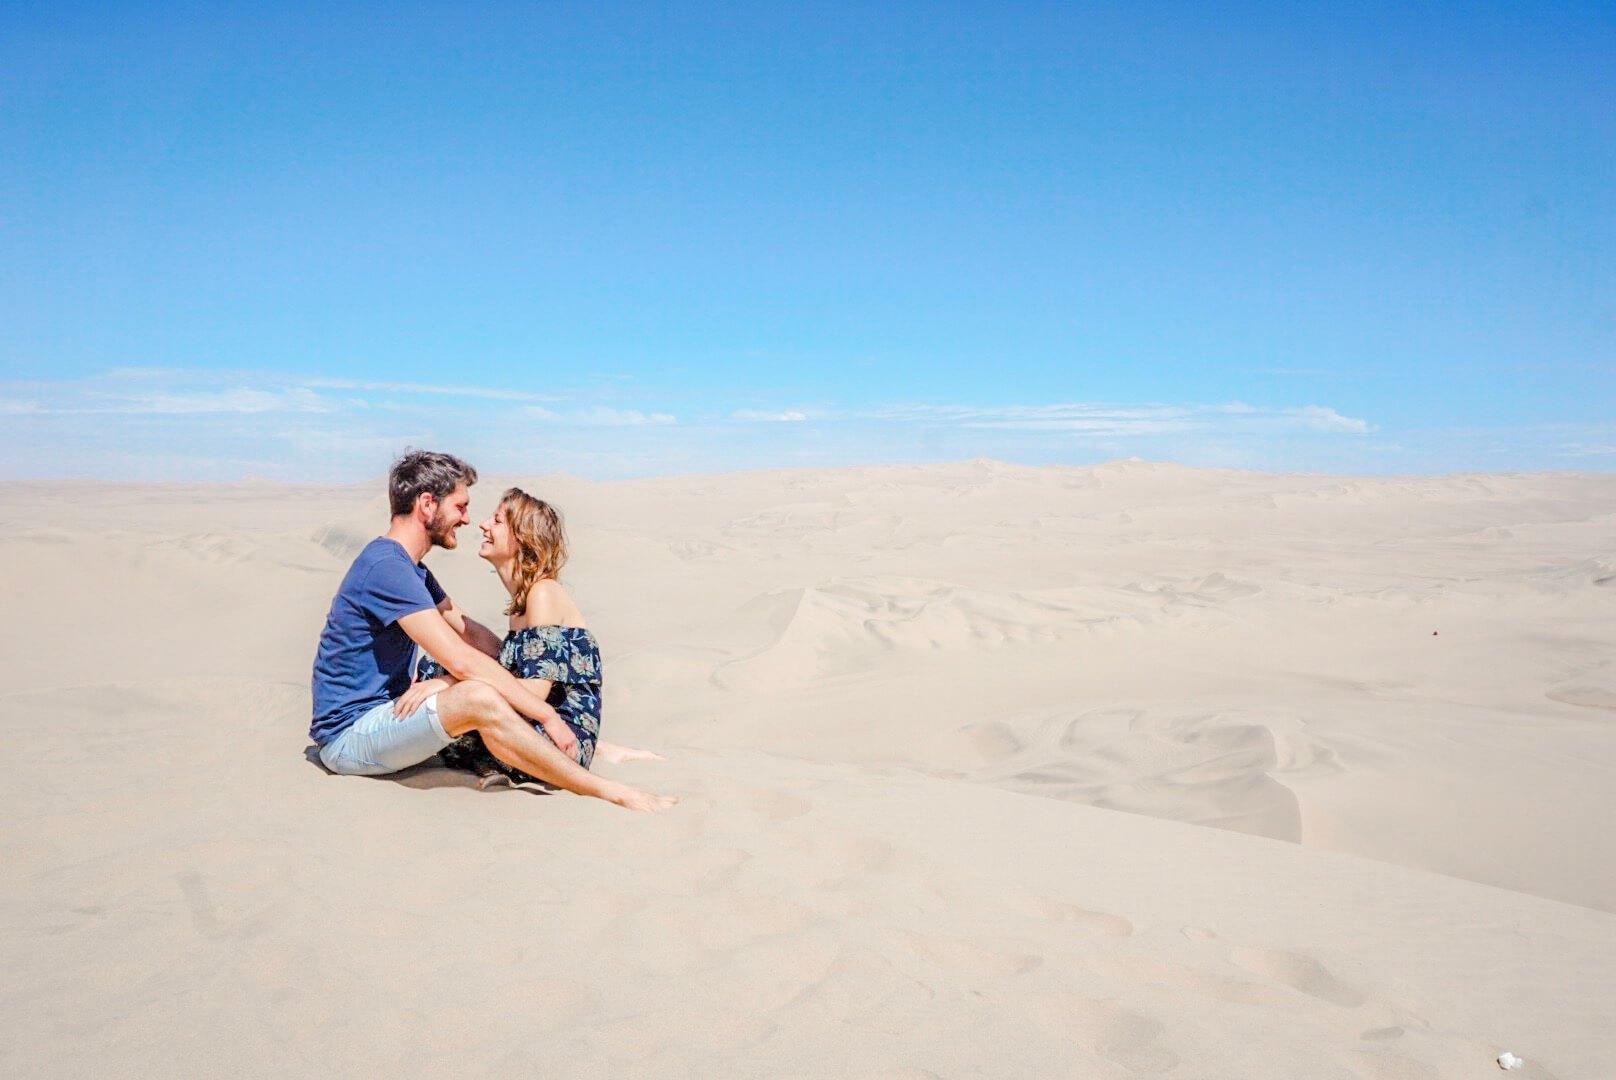 visiter désert péruvien depuis huacachina